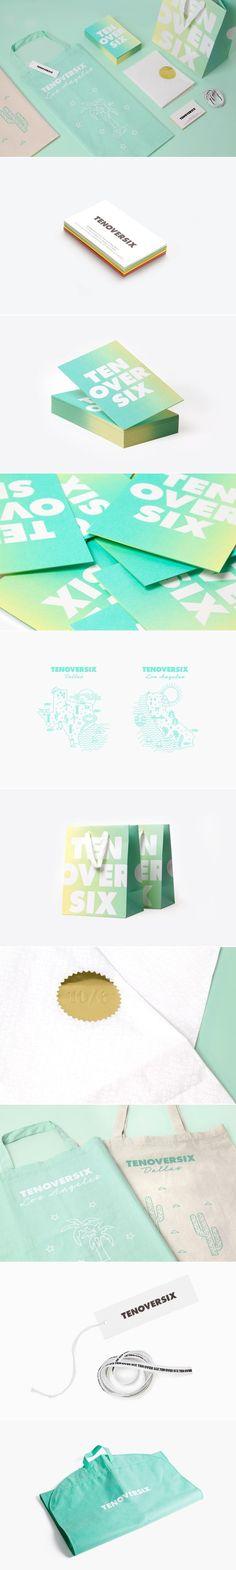 Ten Over Six Beauty in pastel identity packaging branding PD